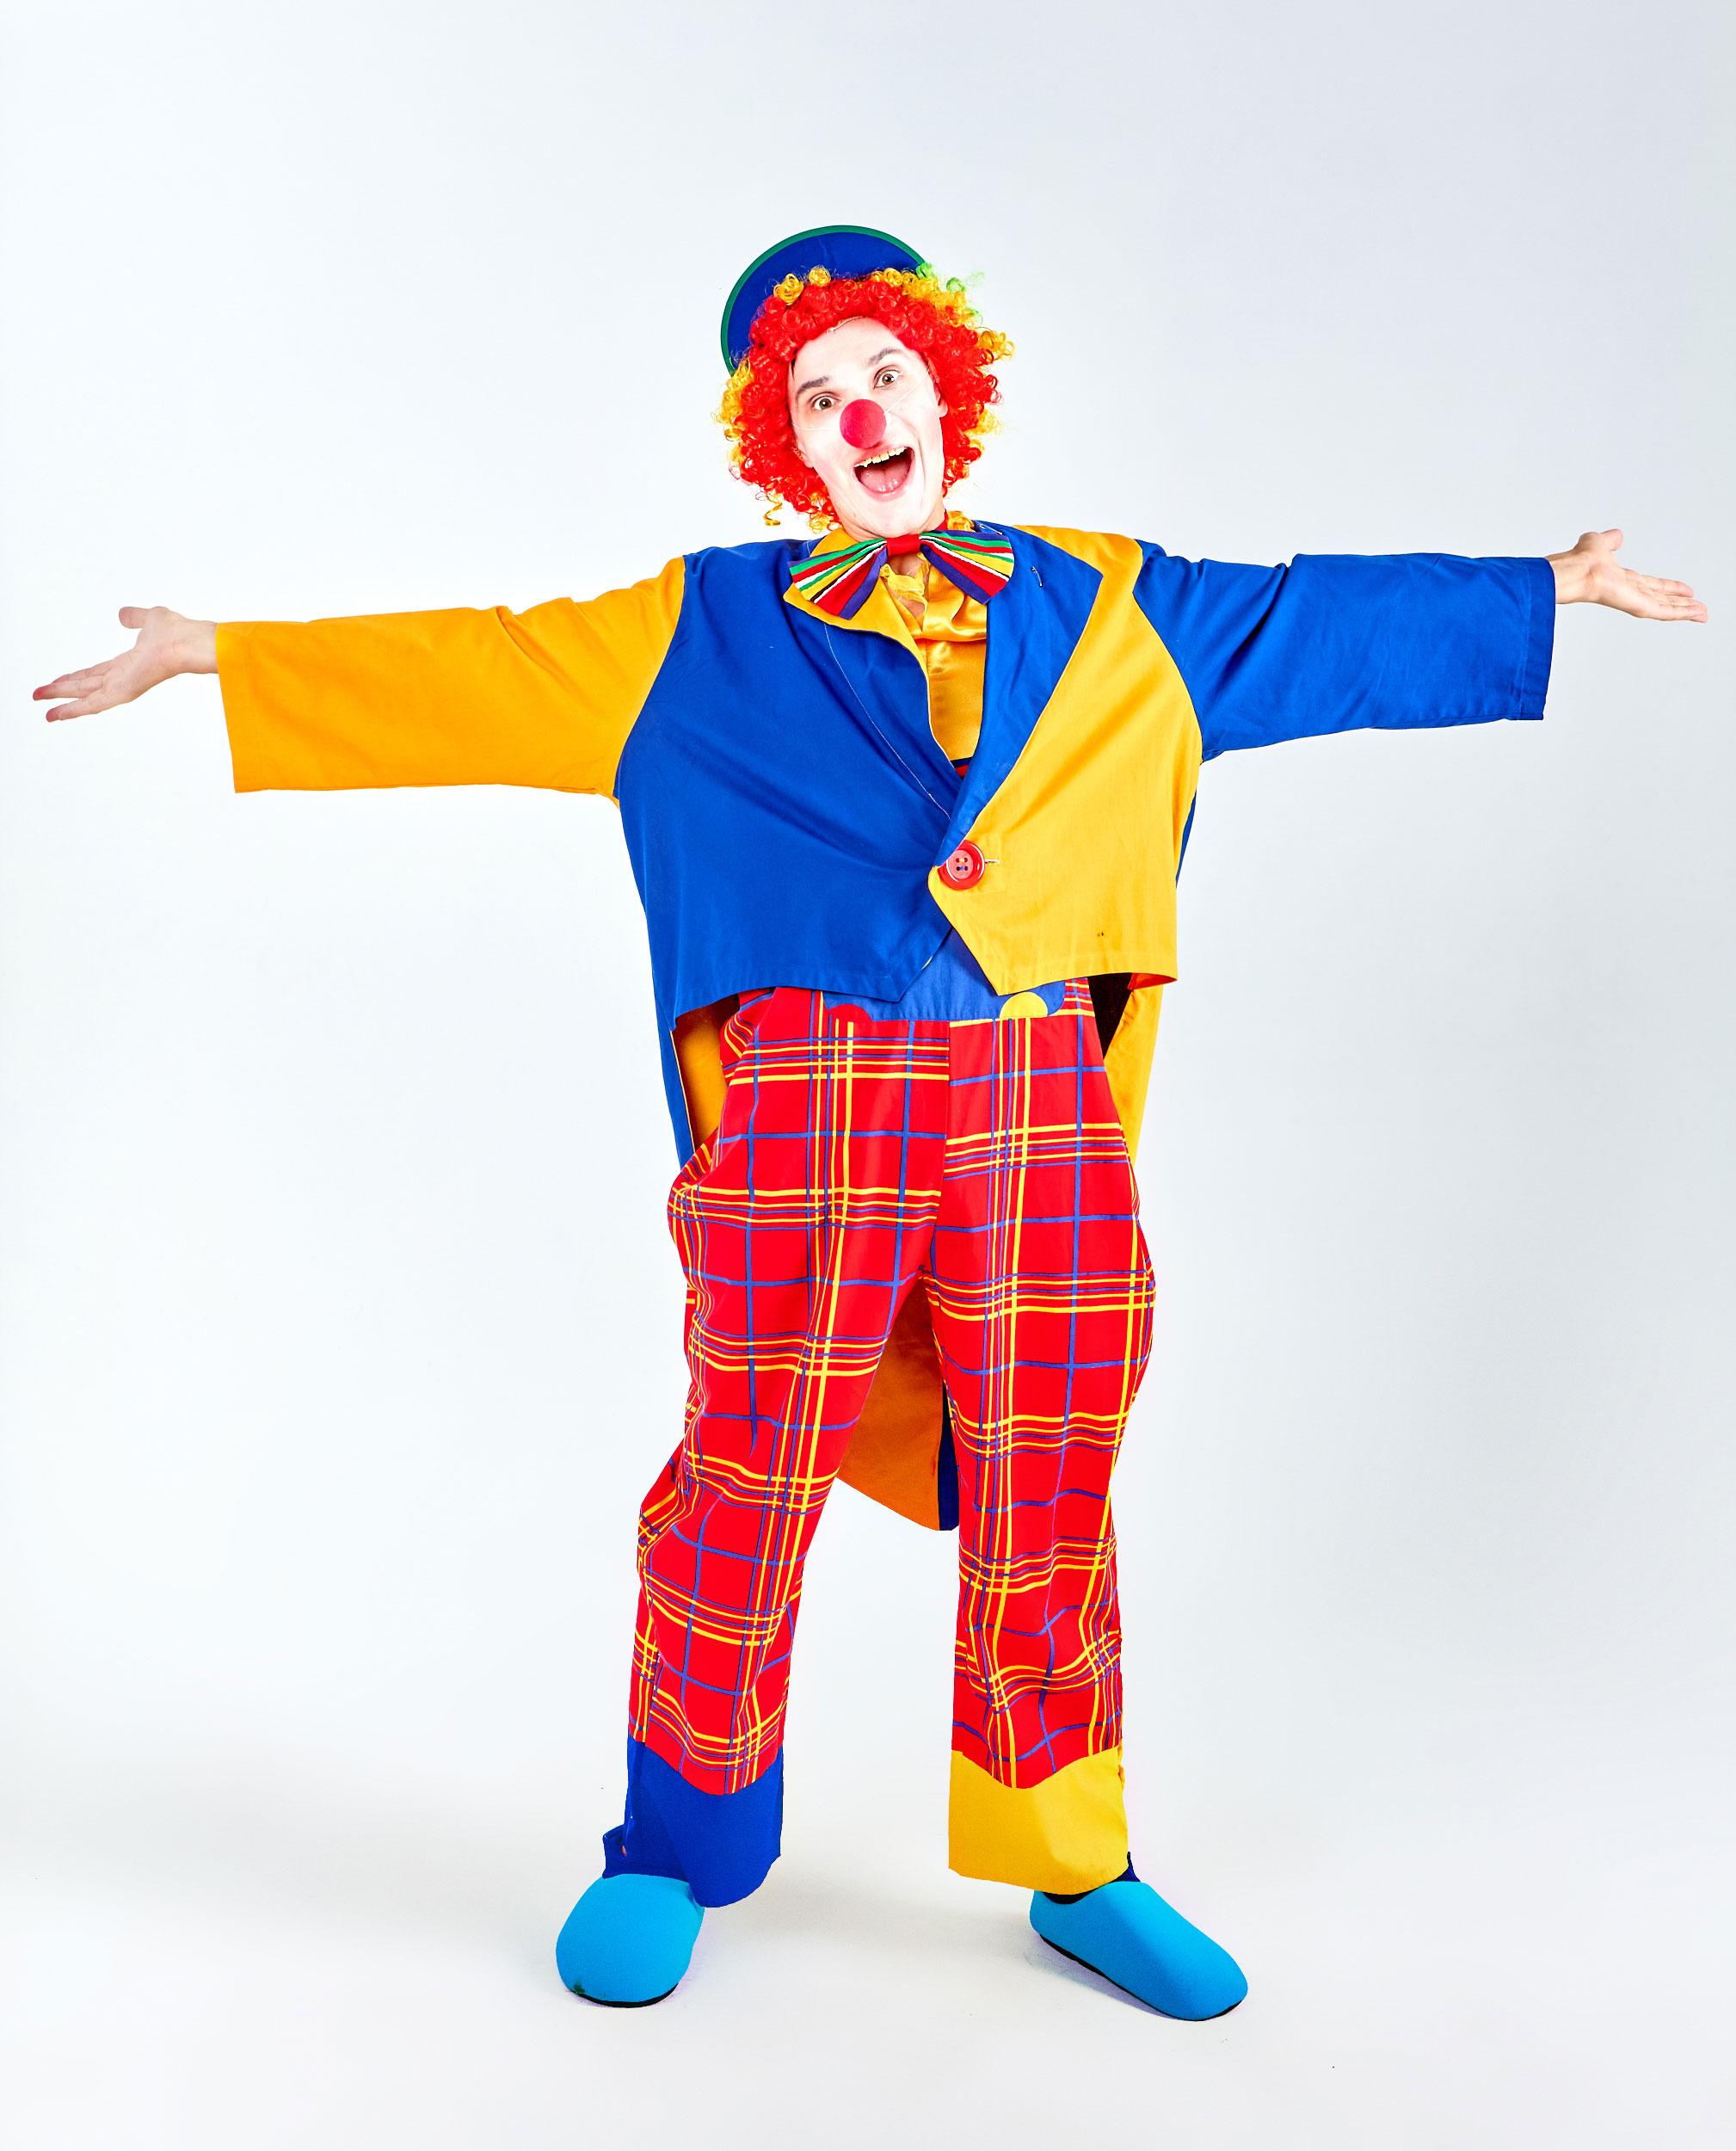 ленивцем, который клоун фото картинки цвет делает пигмент